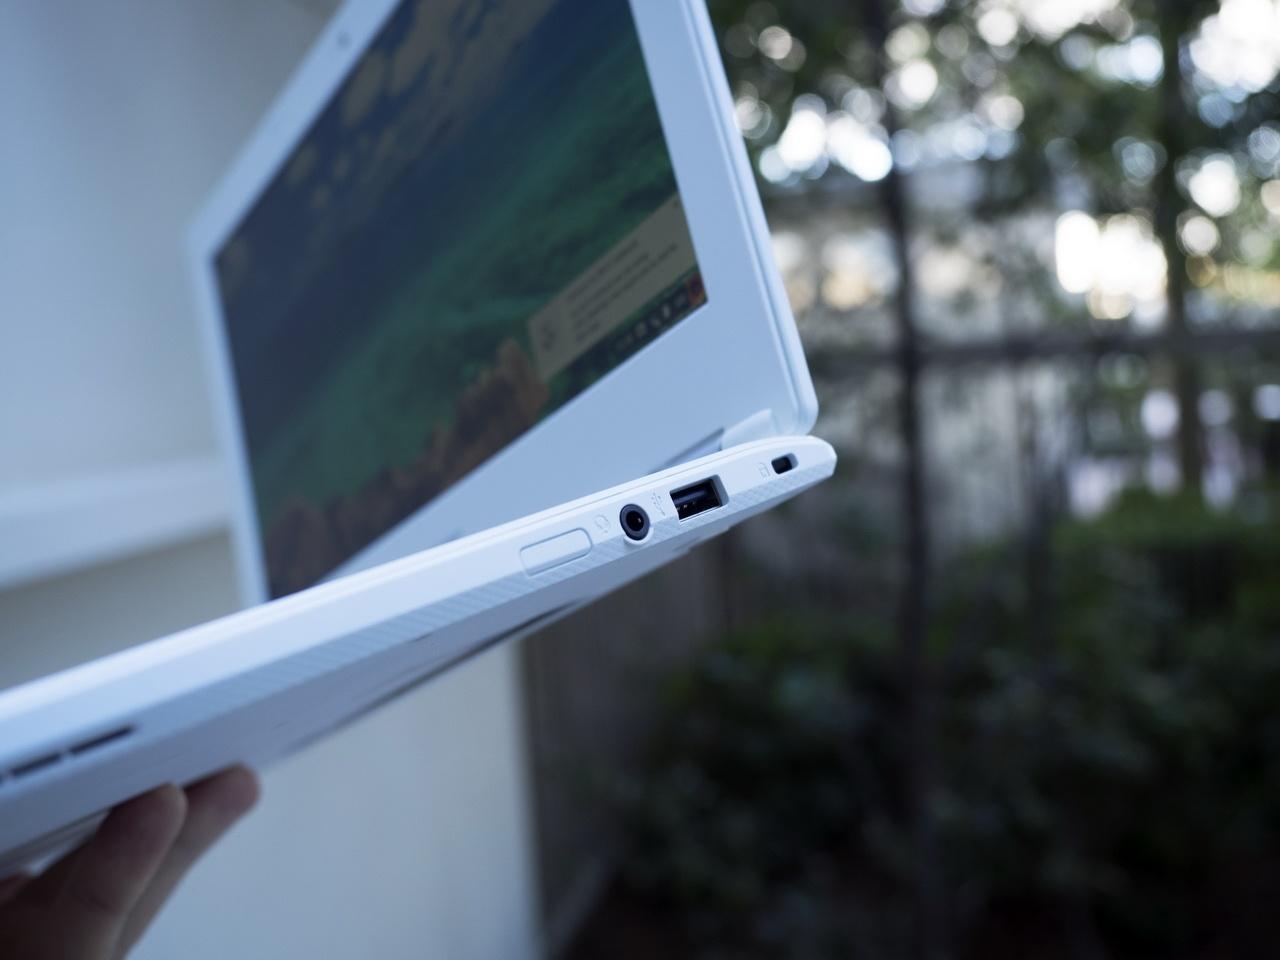 Acer на CES 2016: мониторы, планшеты, игровые ноутбуки и ультрамобильный трансформер - 13